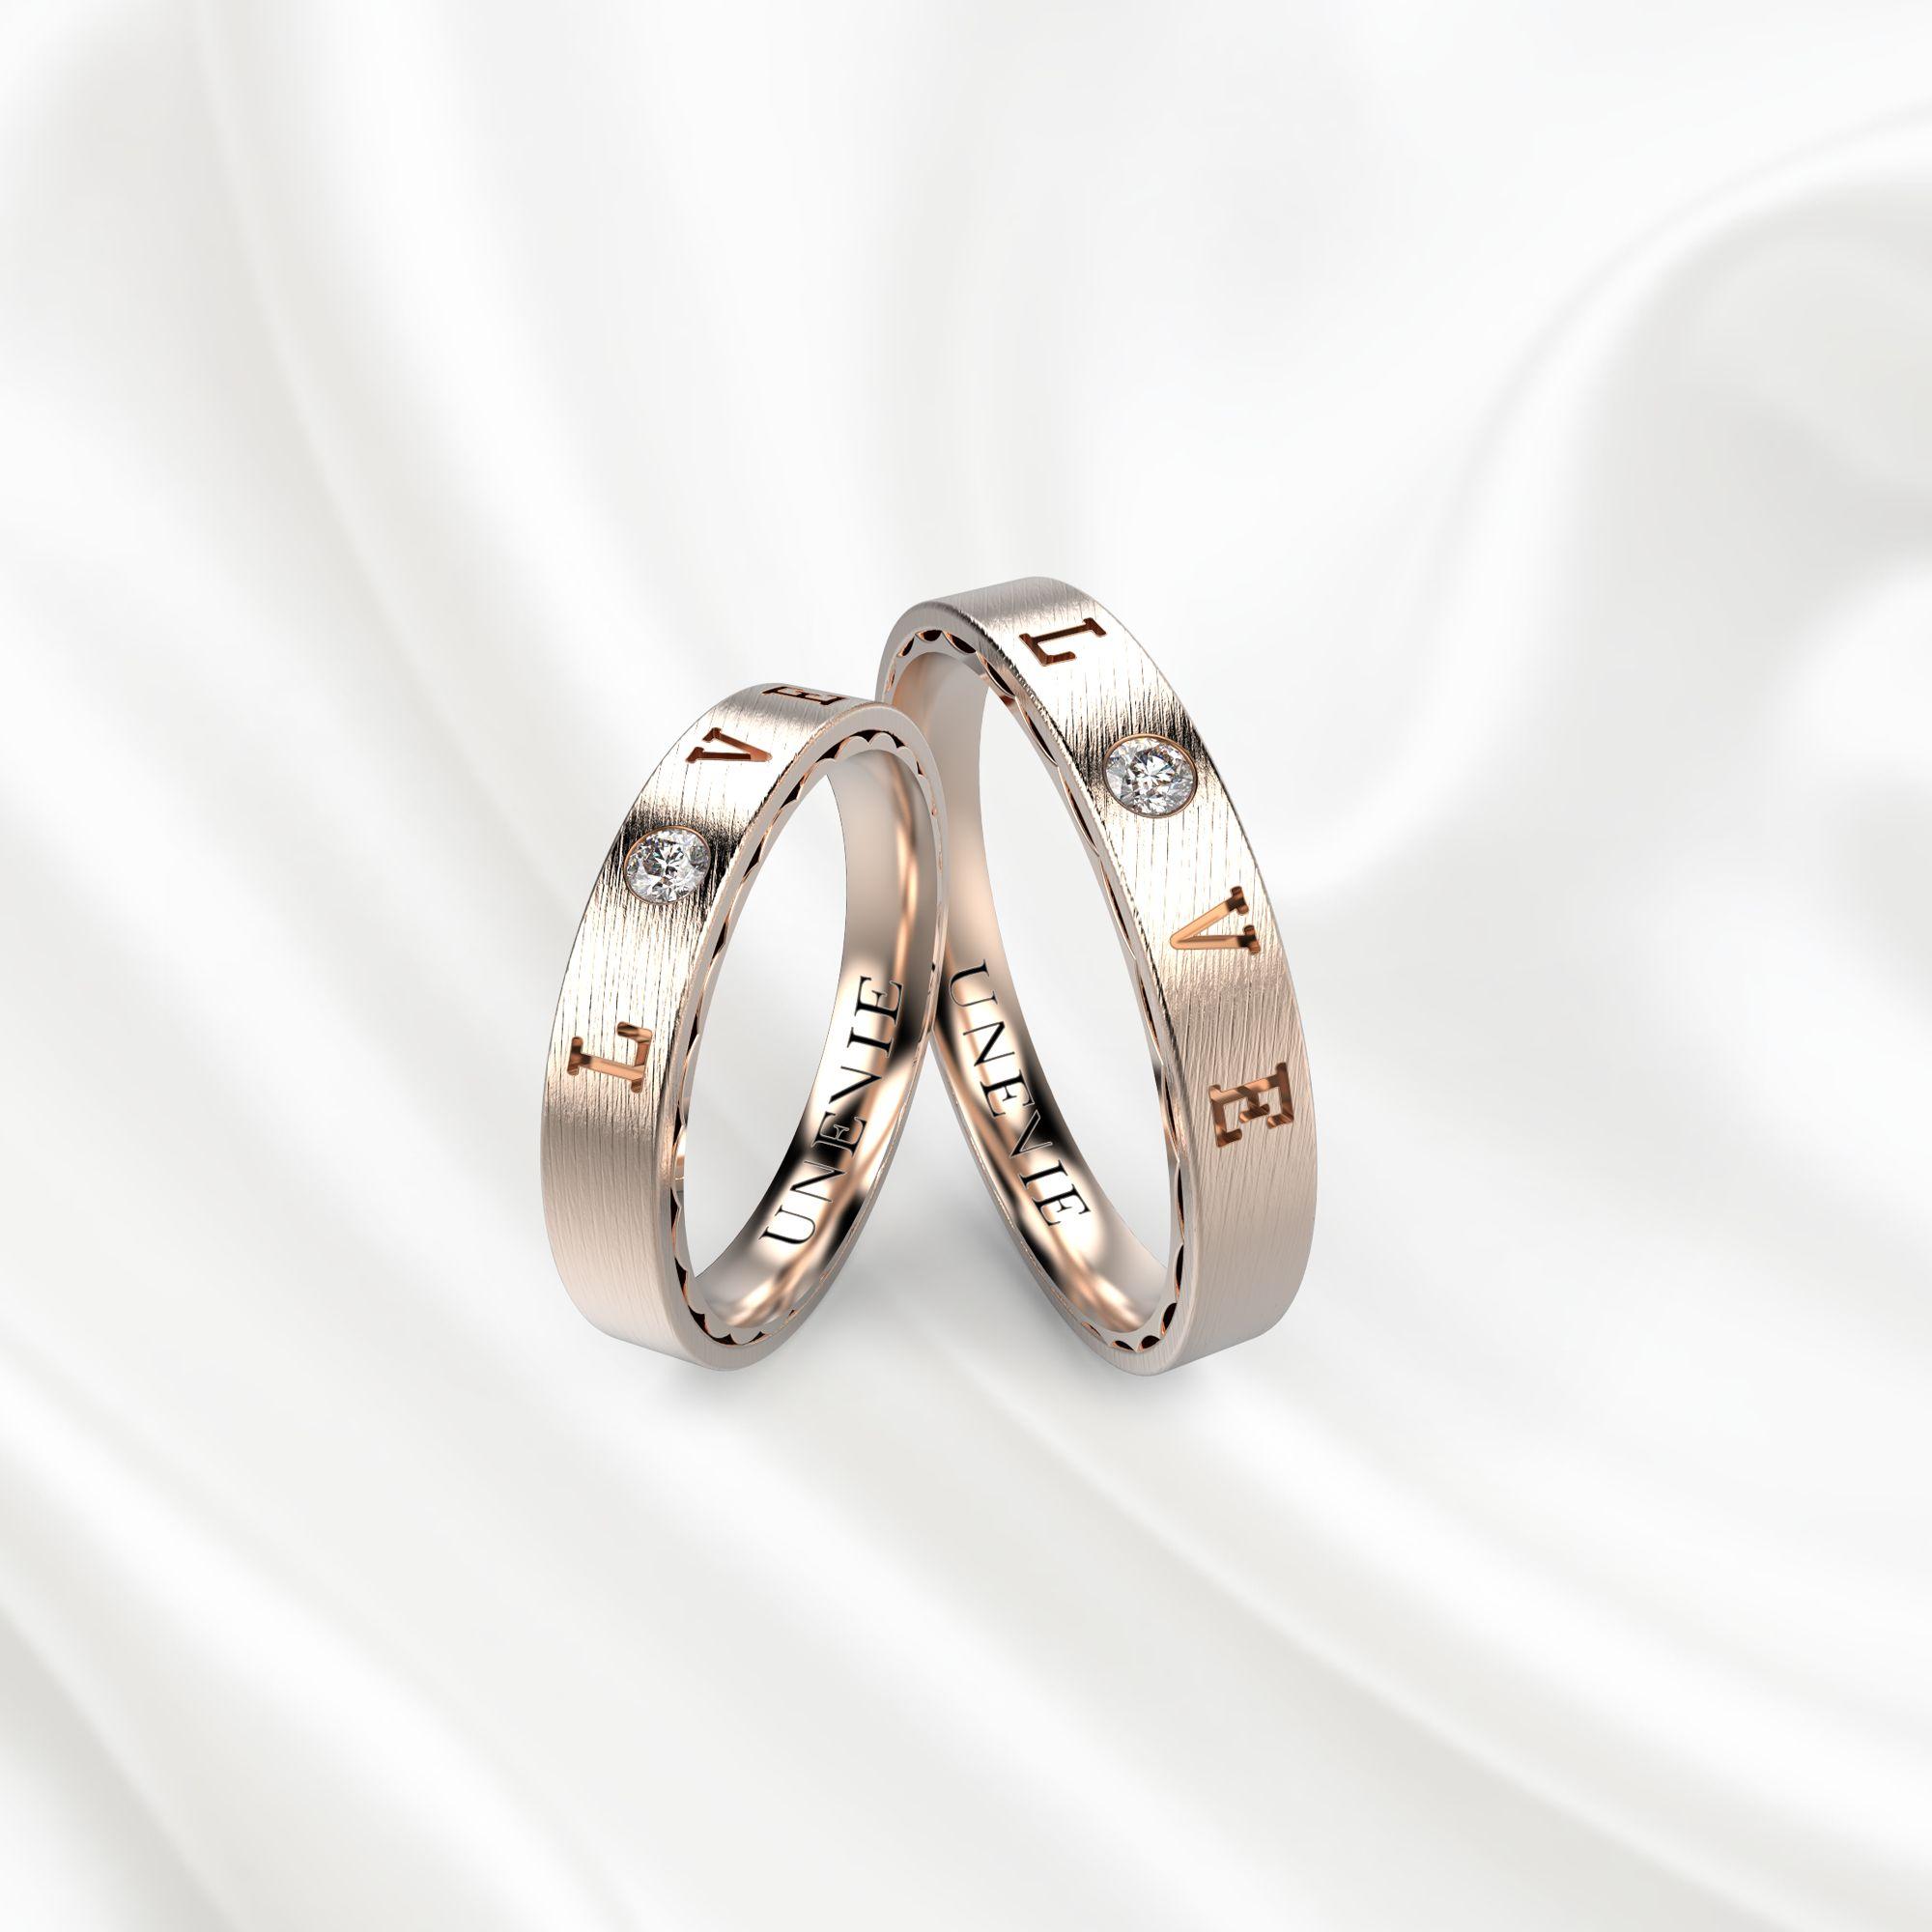 NV18 Обручальные кольца из розового золота